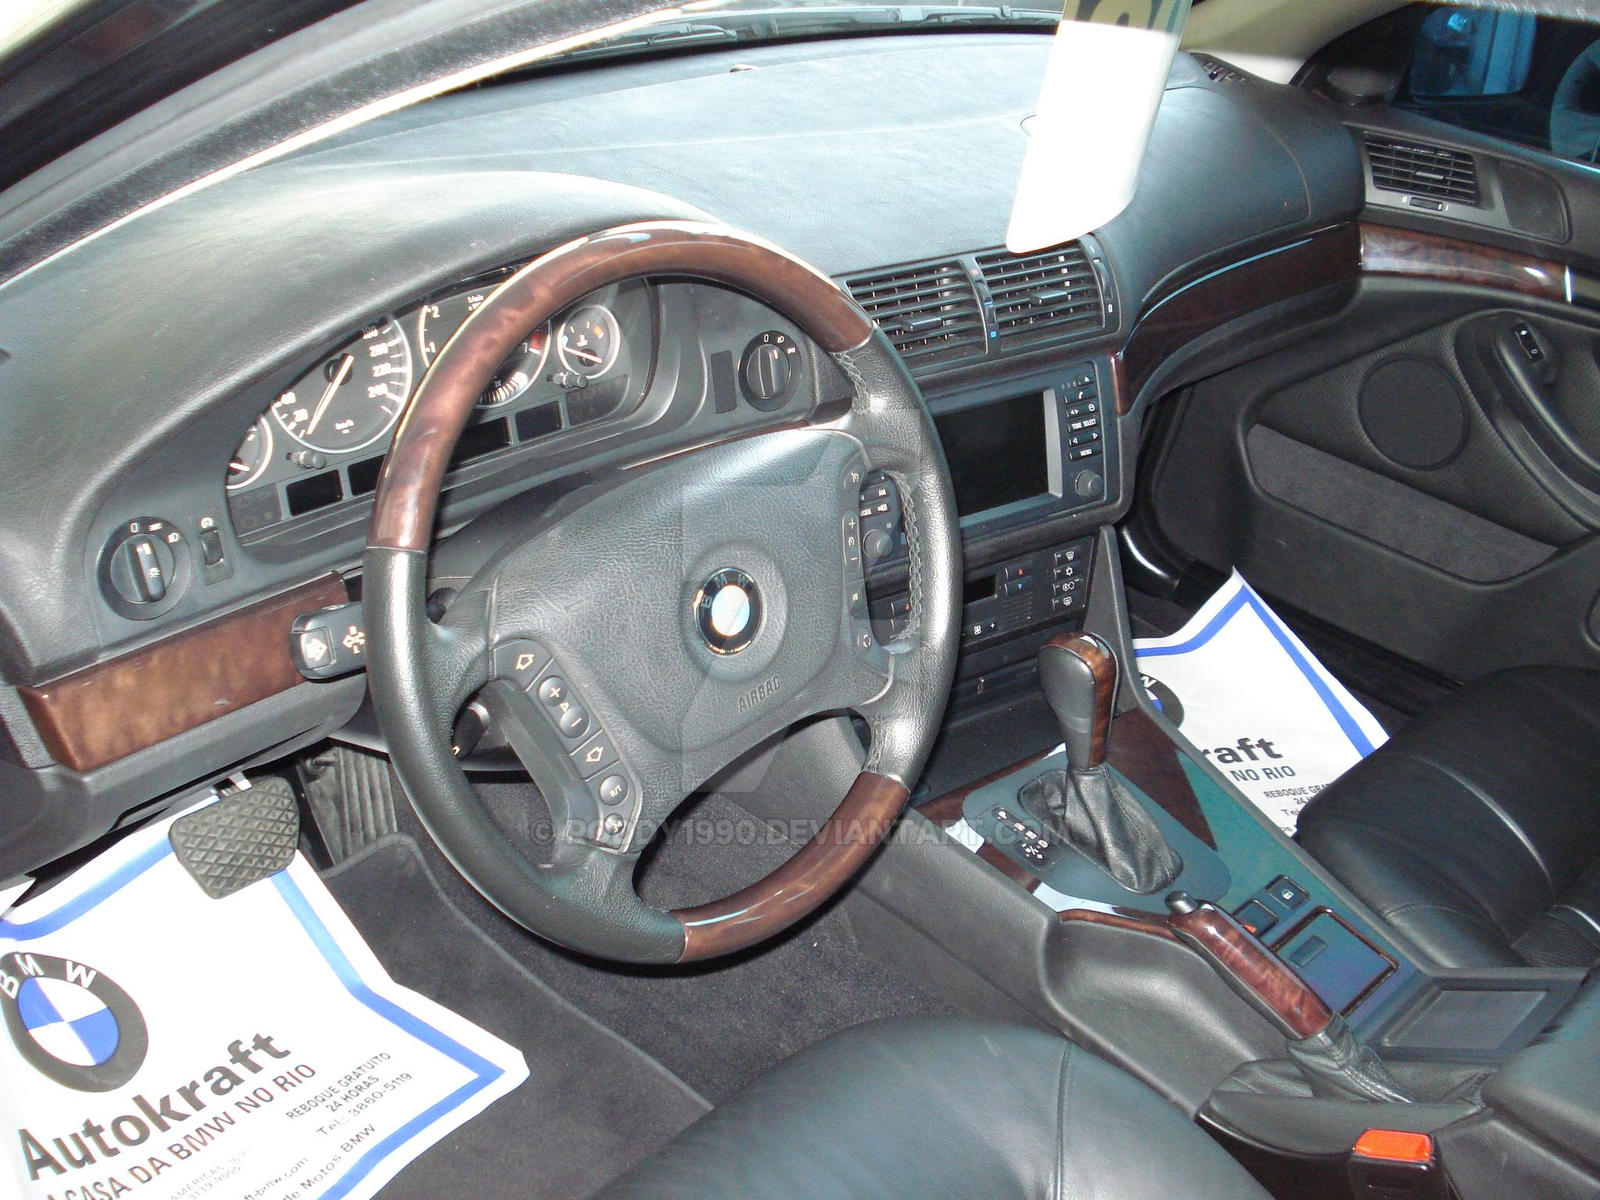 2003 BMW 530i 4 by Roddy1990 on DeviantArt